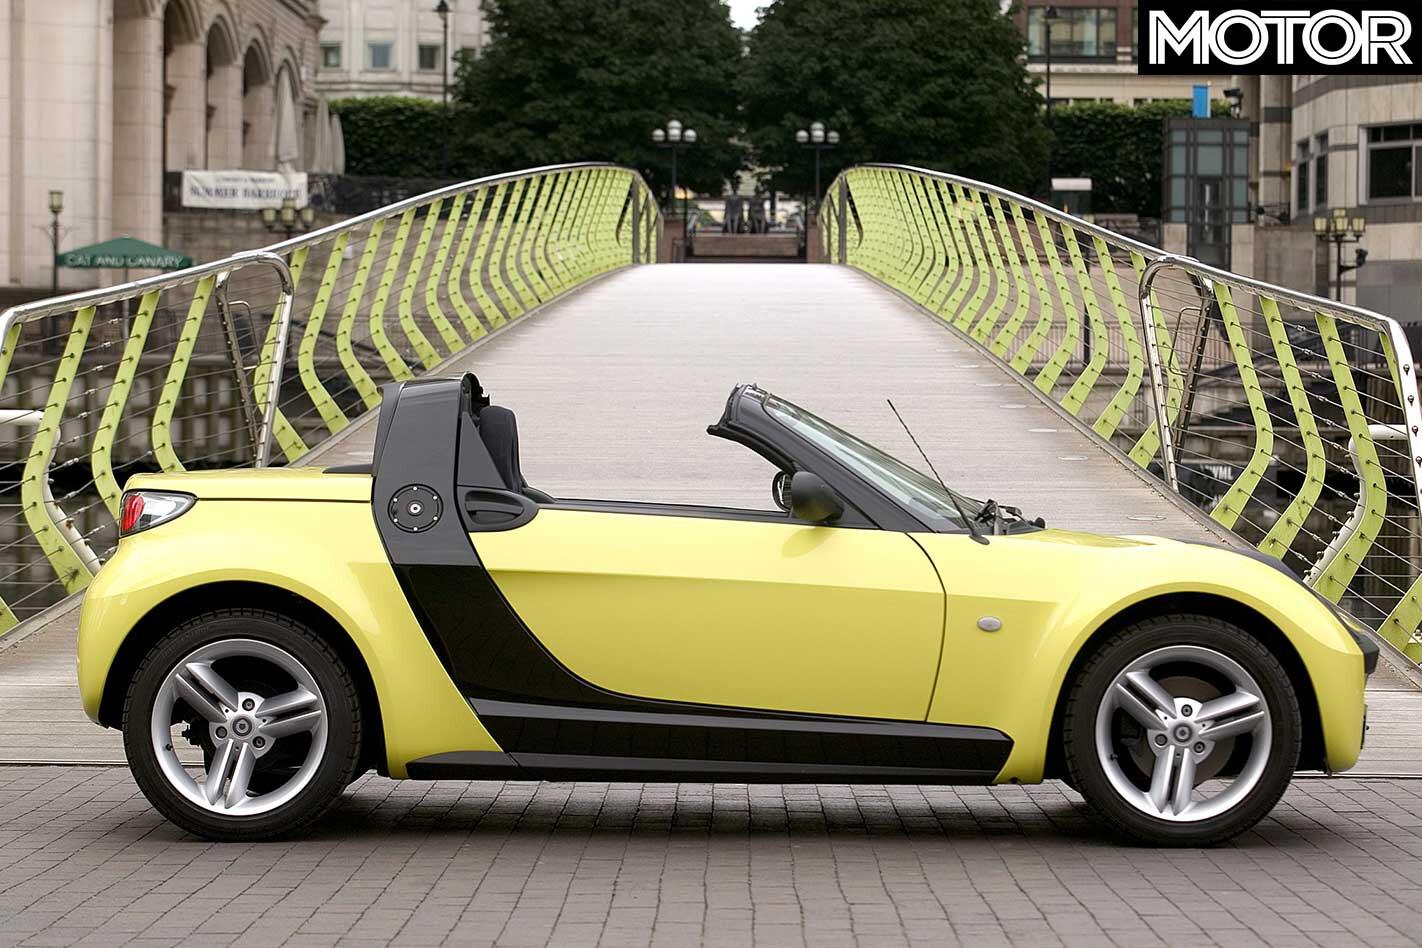 2004 Smart Roadster Side Profile Design 281 29 Jpg